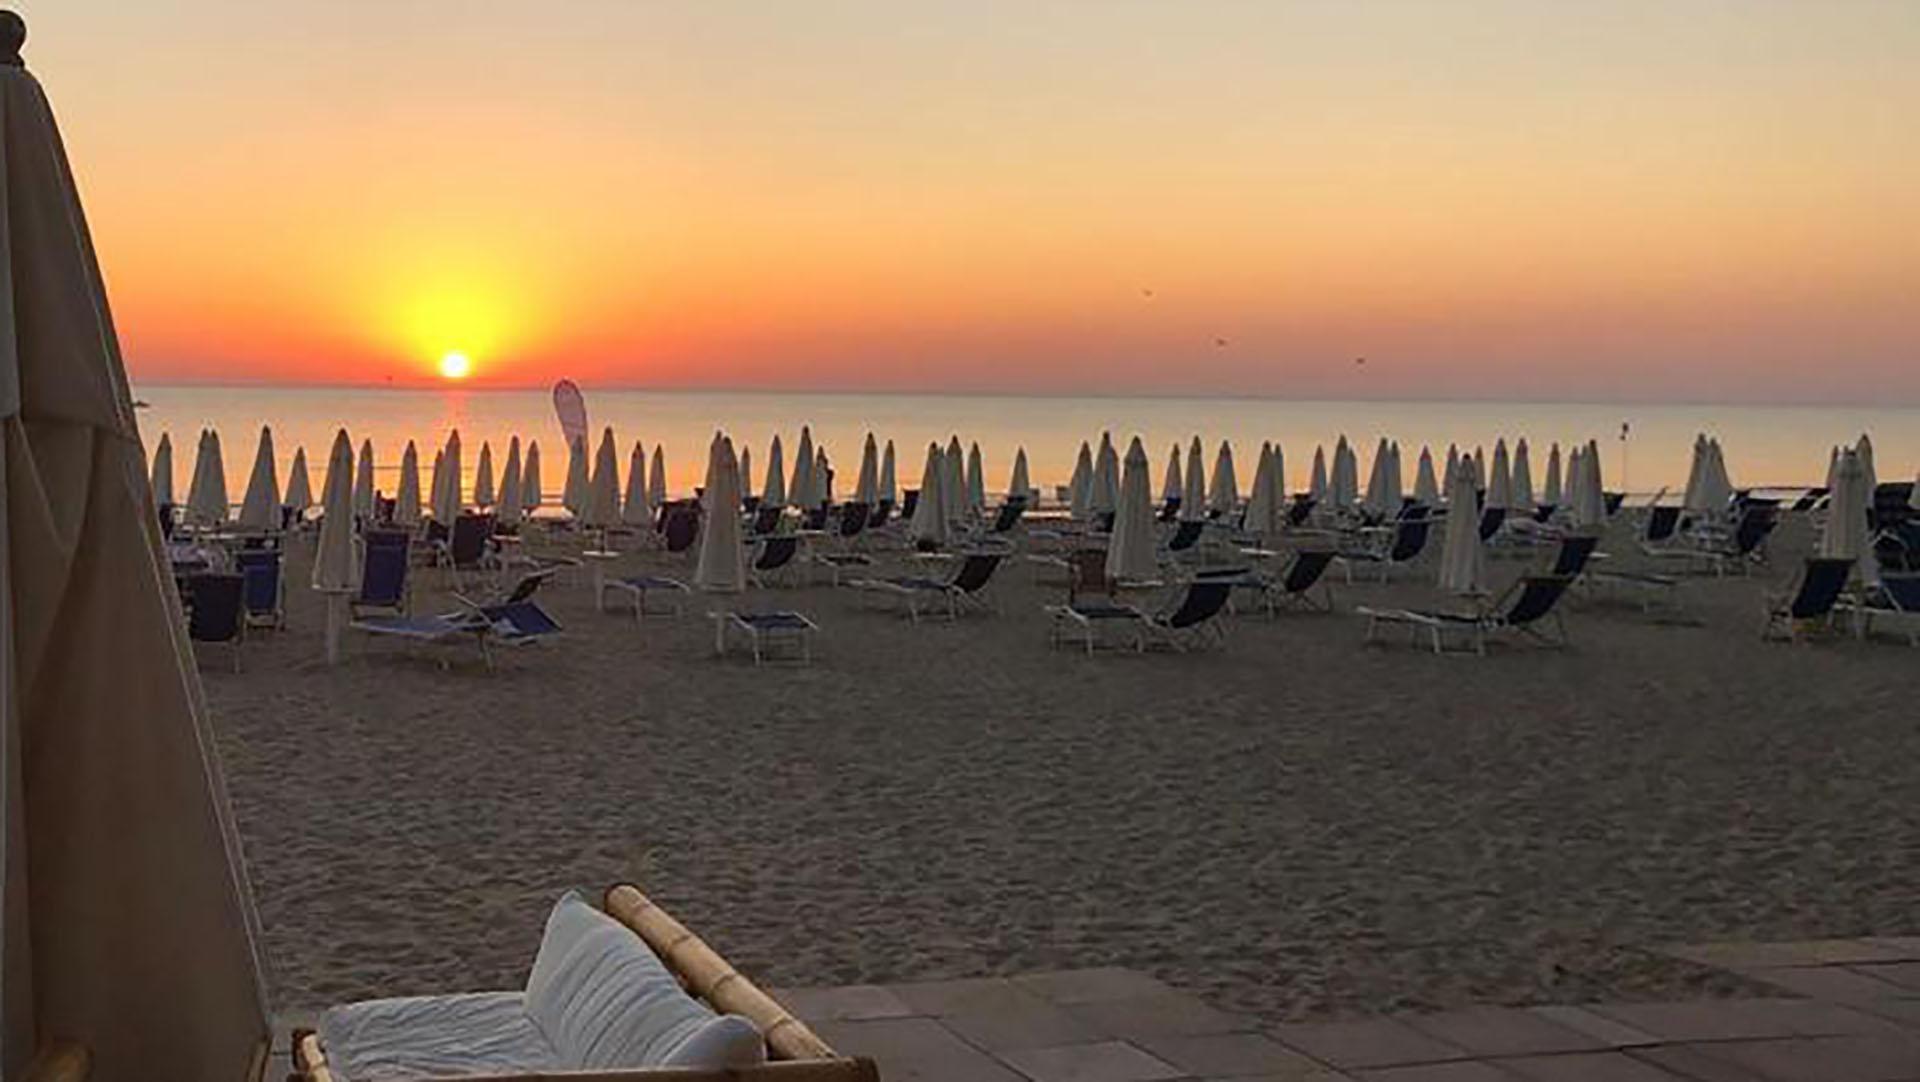 alba_berti_spiaggia